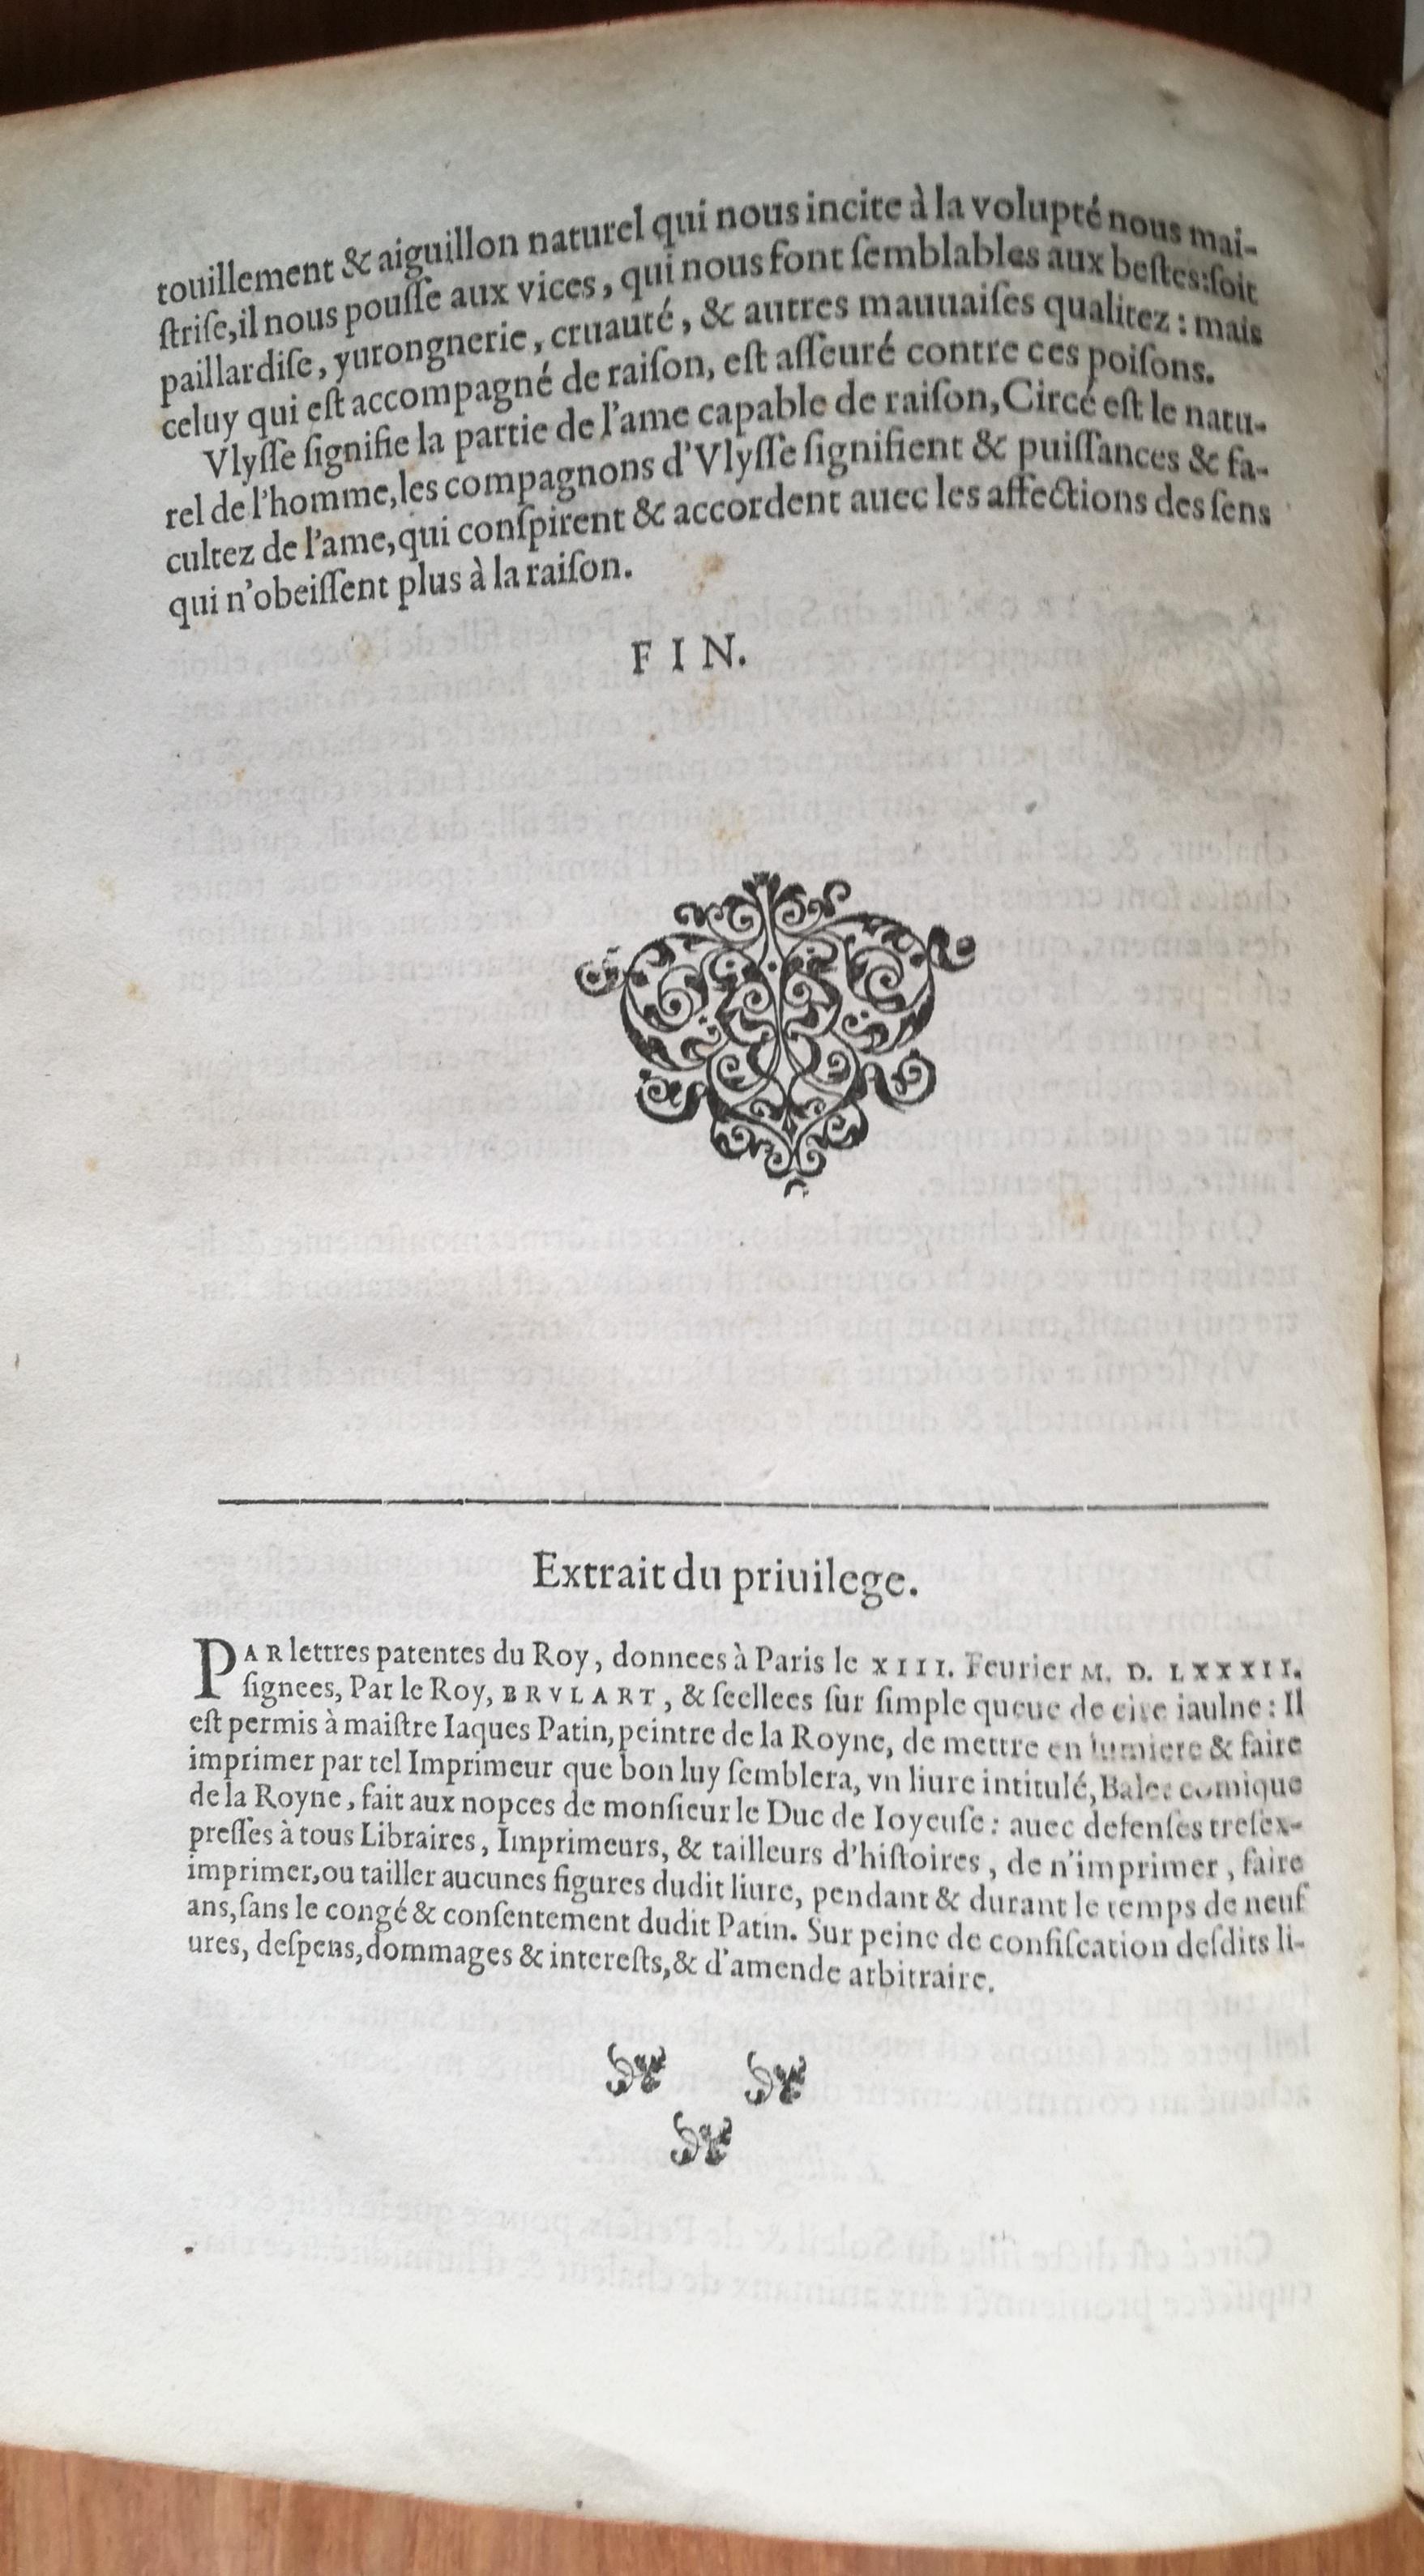 Histoire du livre – Société bibliographique de France